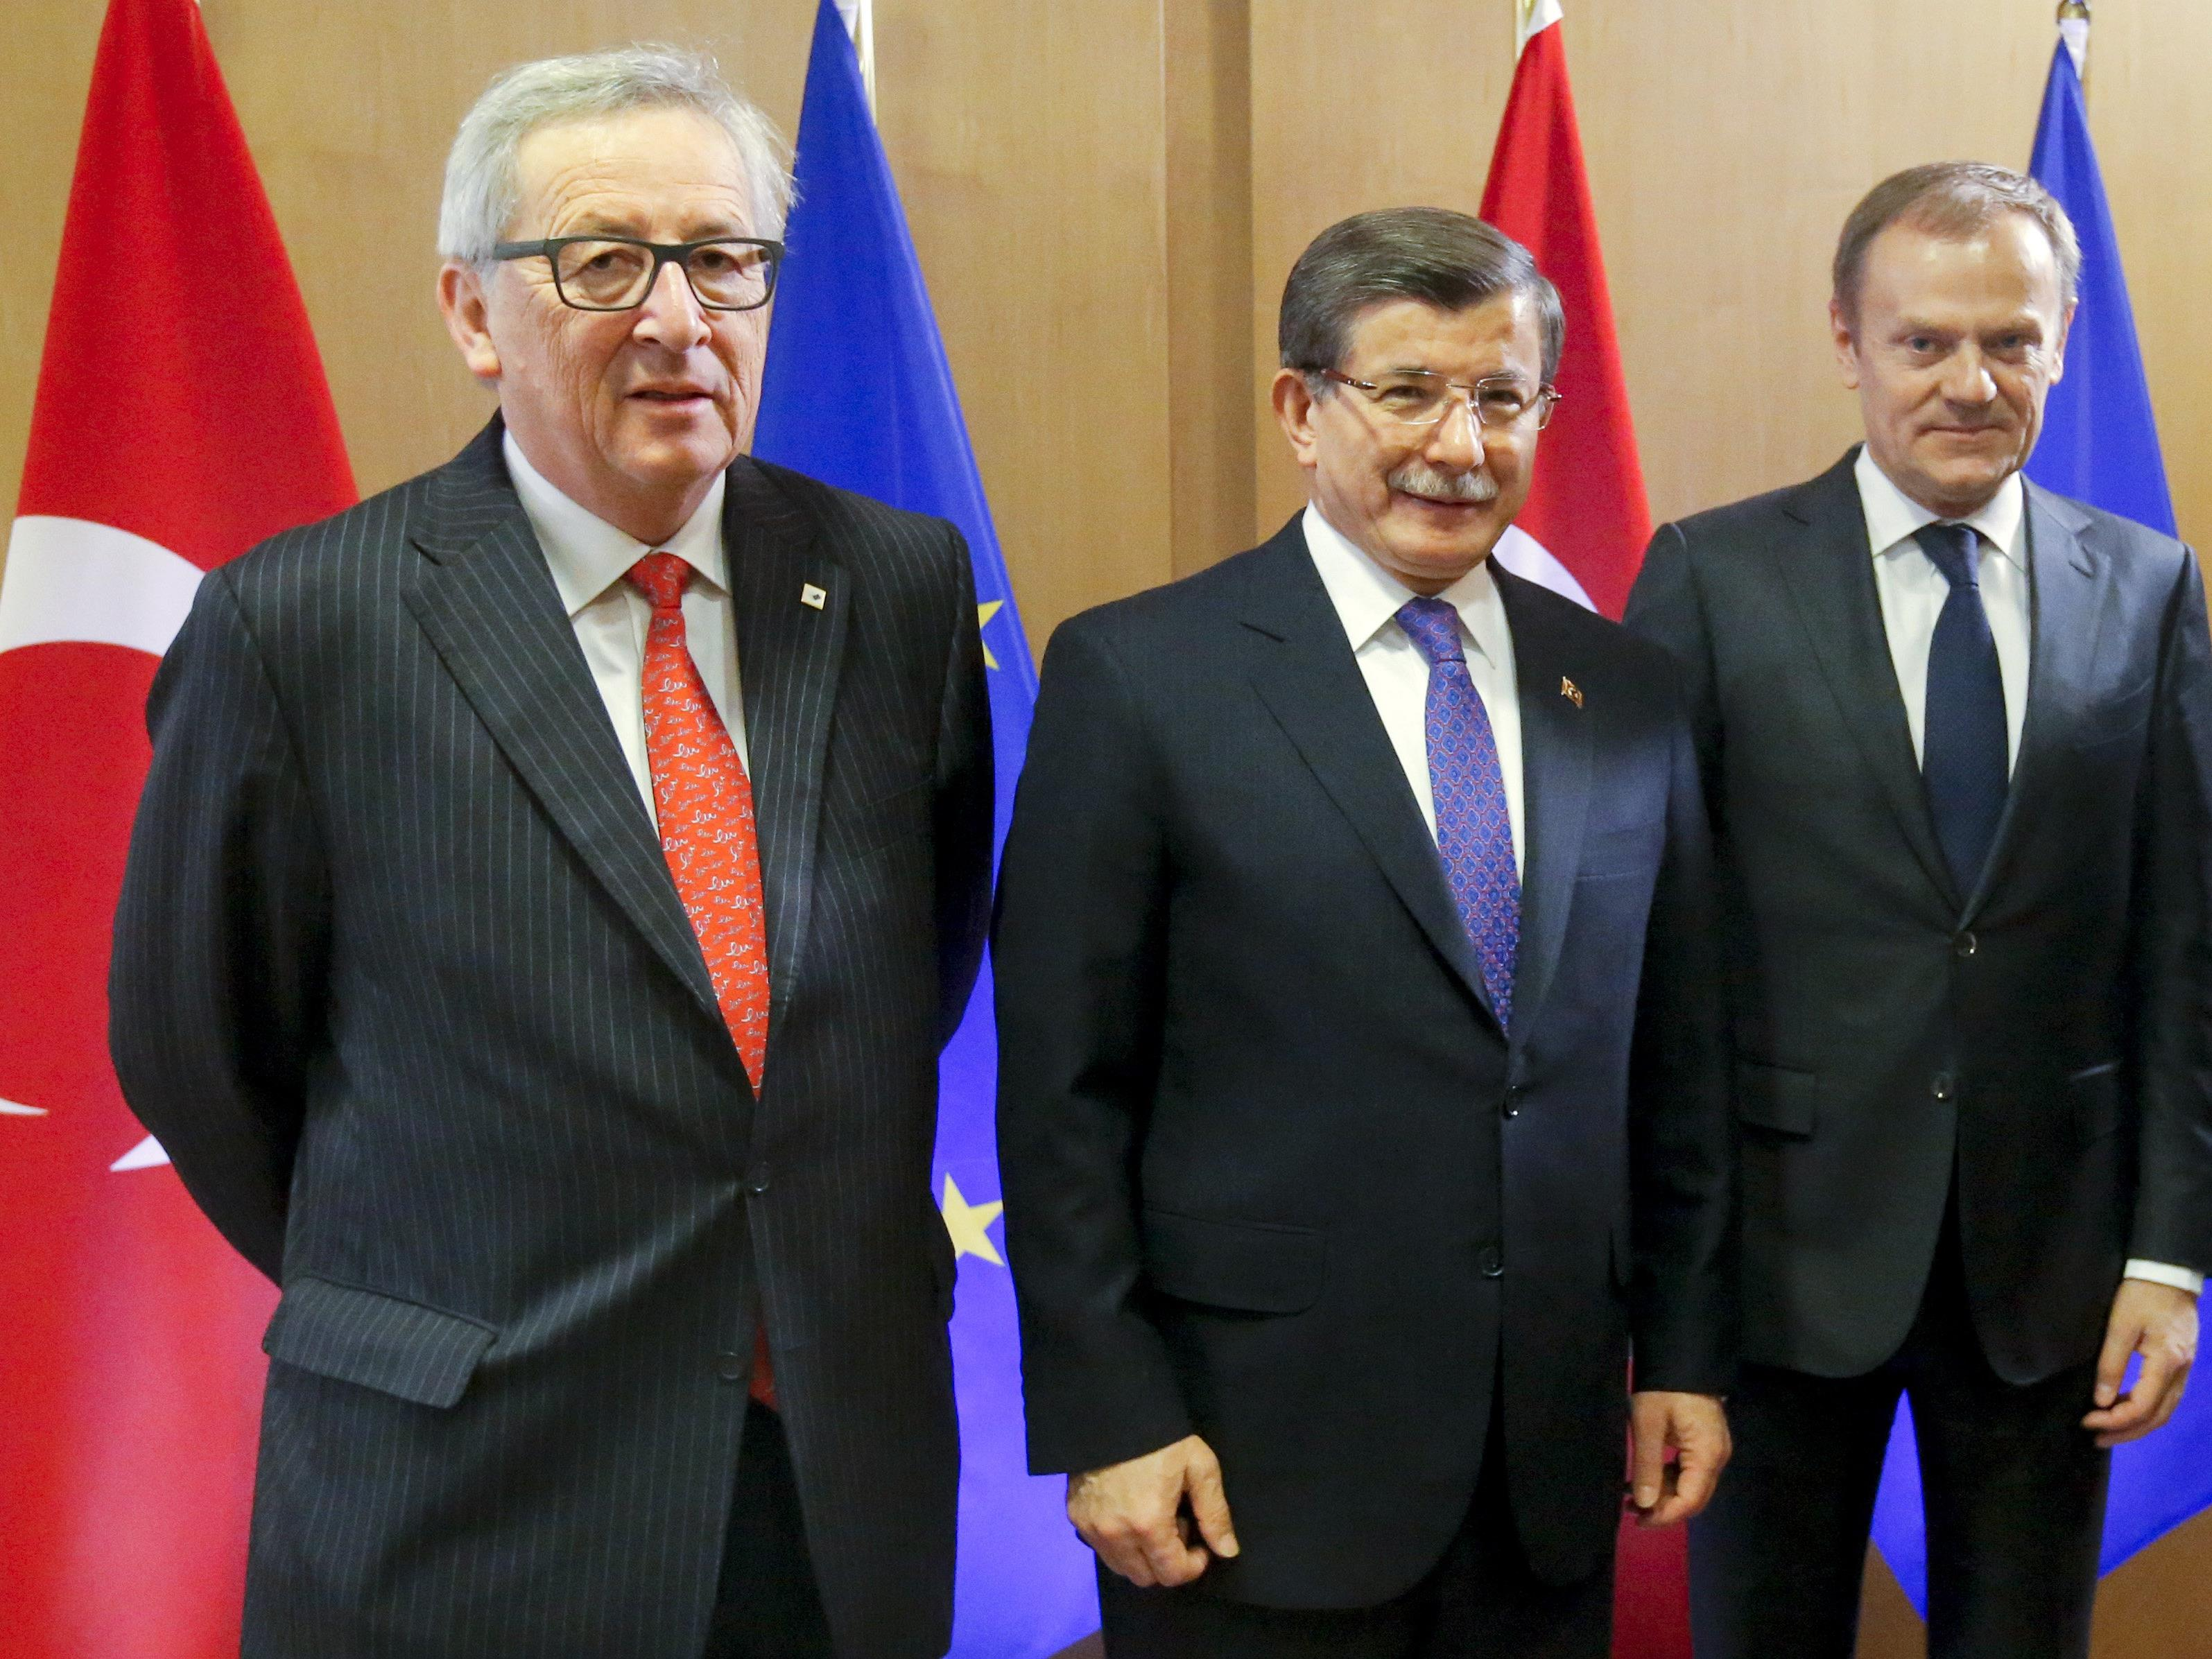 EU-Türkei-Deal schon ab 20. März? Last-Minute-Ansturm auf griechische Inseln soll verhindert werden